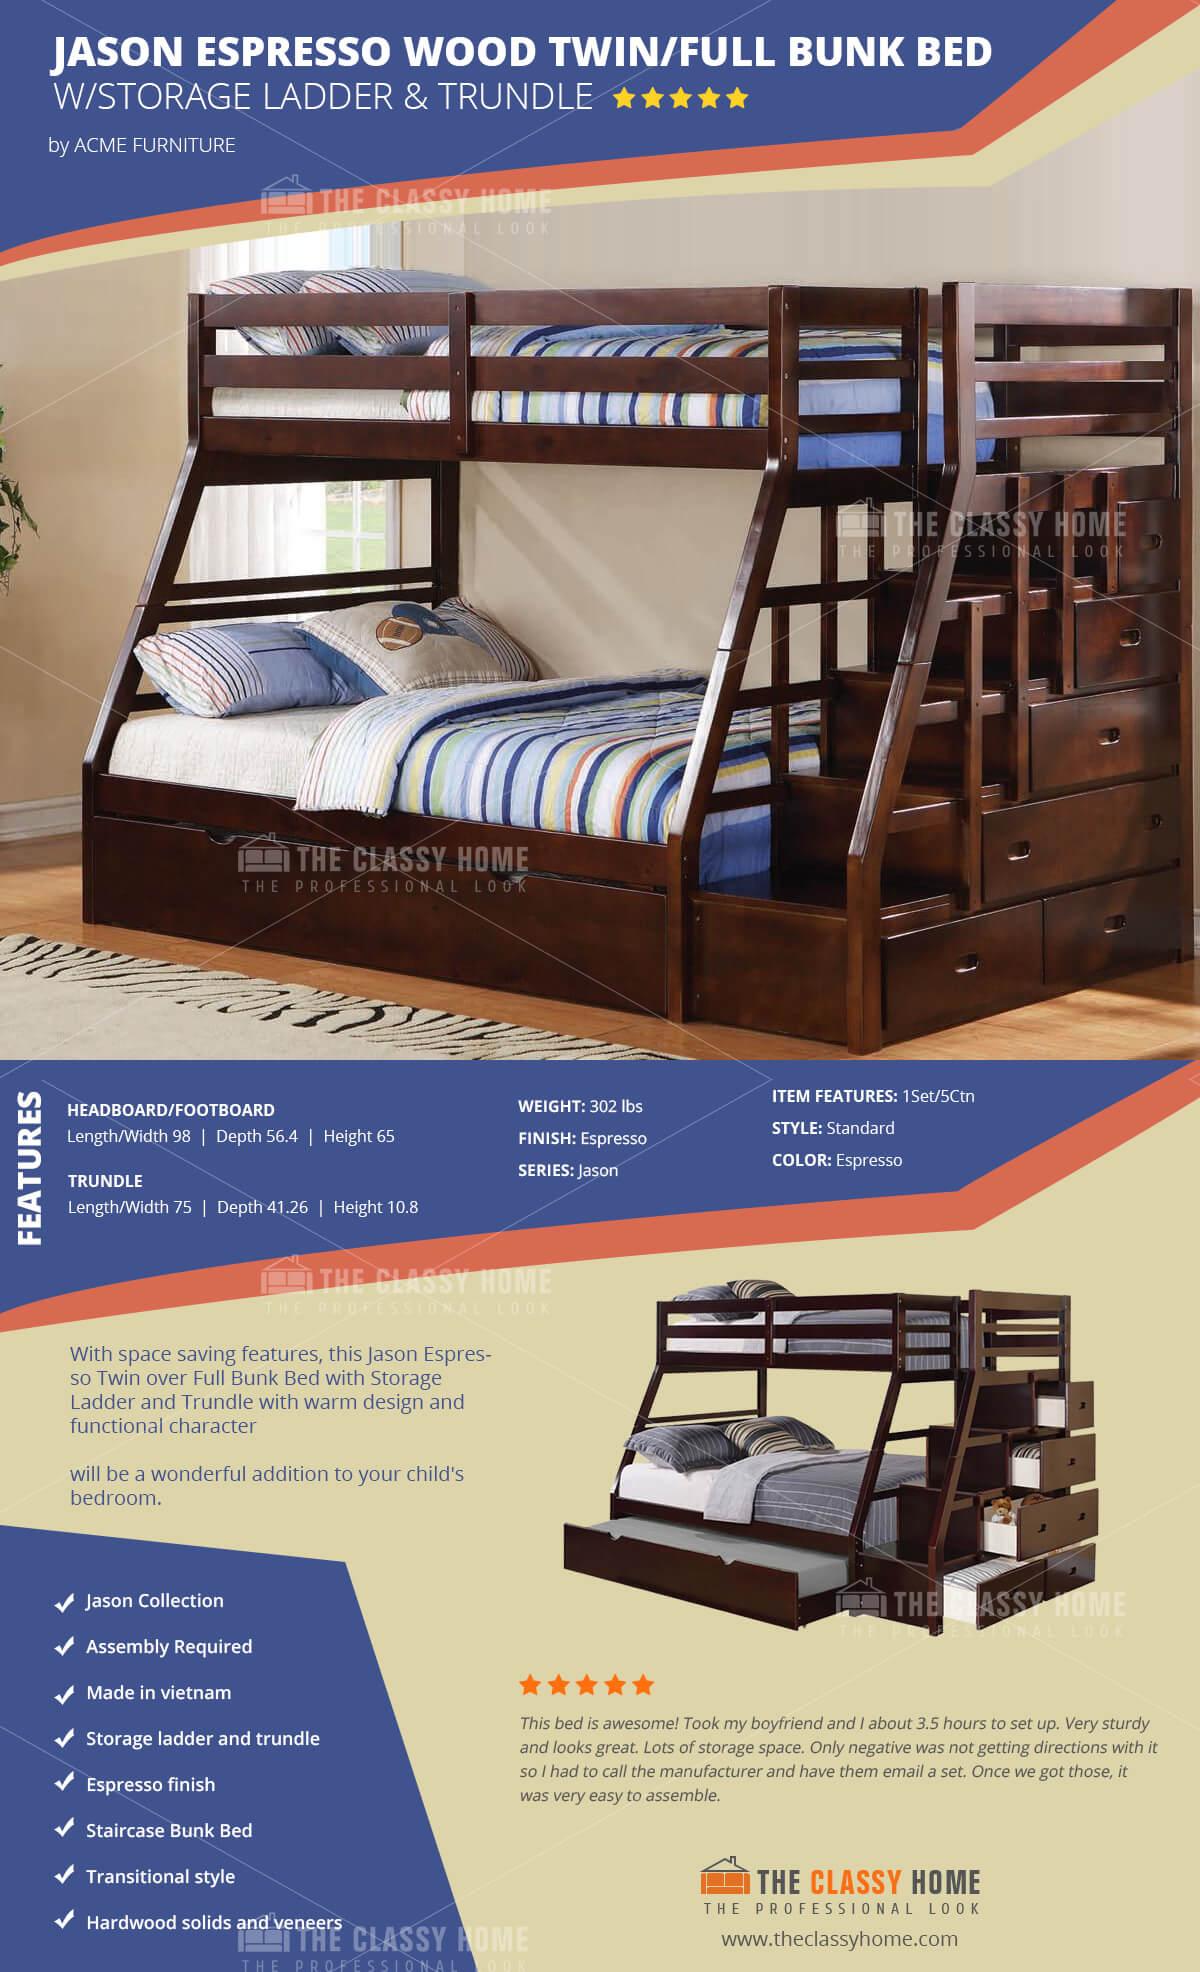 Acme Furniture Jason Espresso Storage Ladder and Trundle Bunk Bed & Acme Furniture Jason Espresso Storage Ladder and Trundle Bunk Bed ...